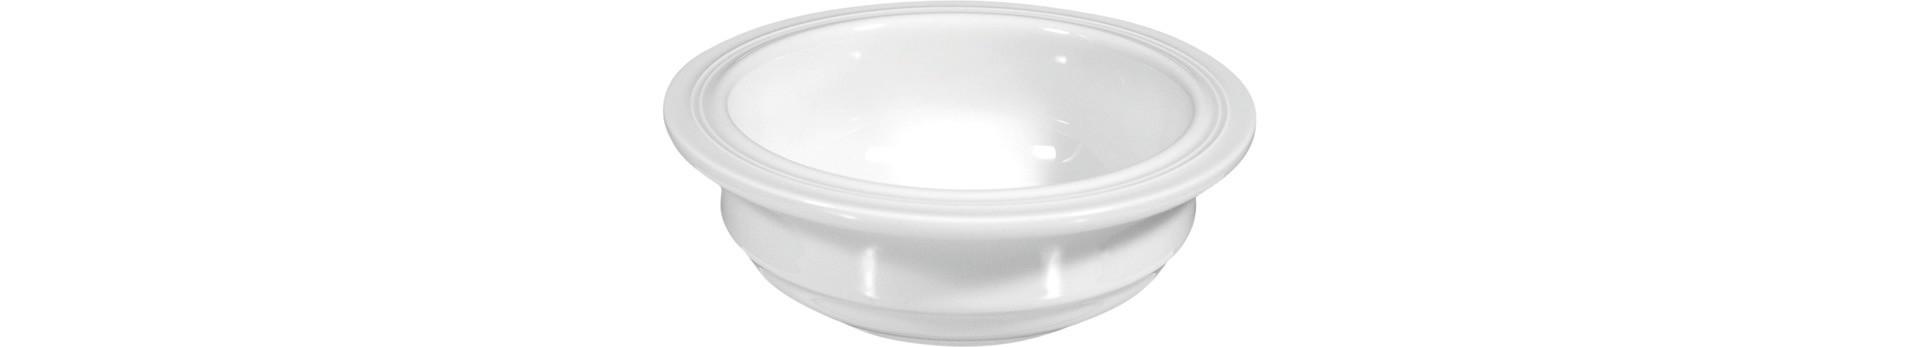 Vitalis, Dessertschale ø 120 mm / 0,22 l weiß uni